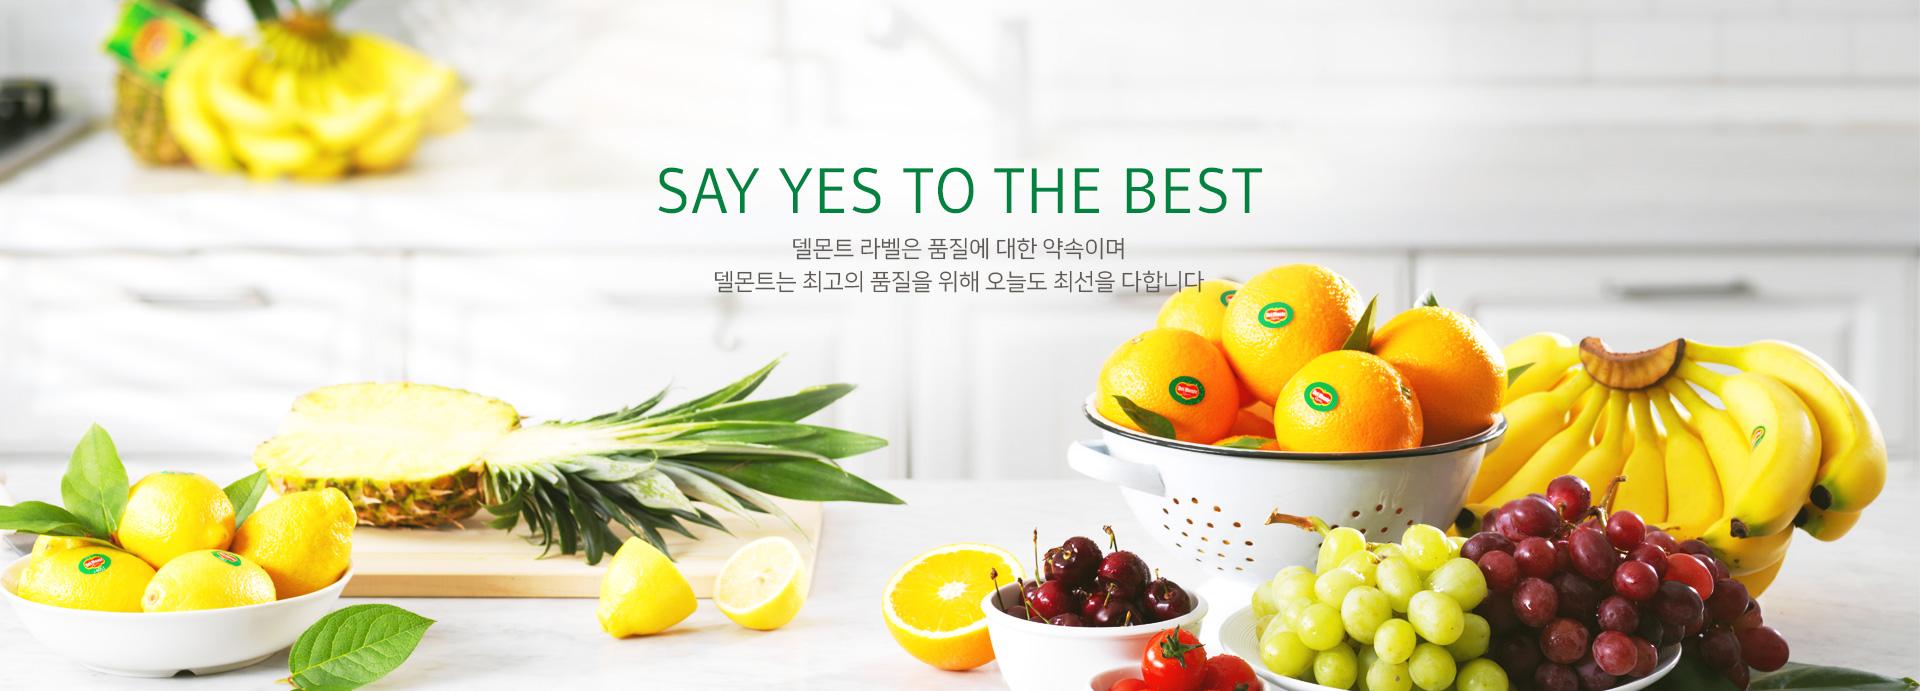 Say yes to the best 델몬트 라벨은 품질에 대한 약속이며 델몬트는 최고의 품질을 위해 오늘도 최선을 다합니다